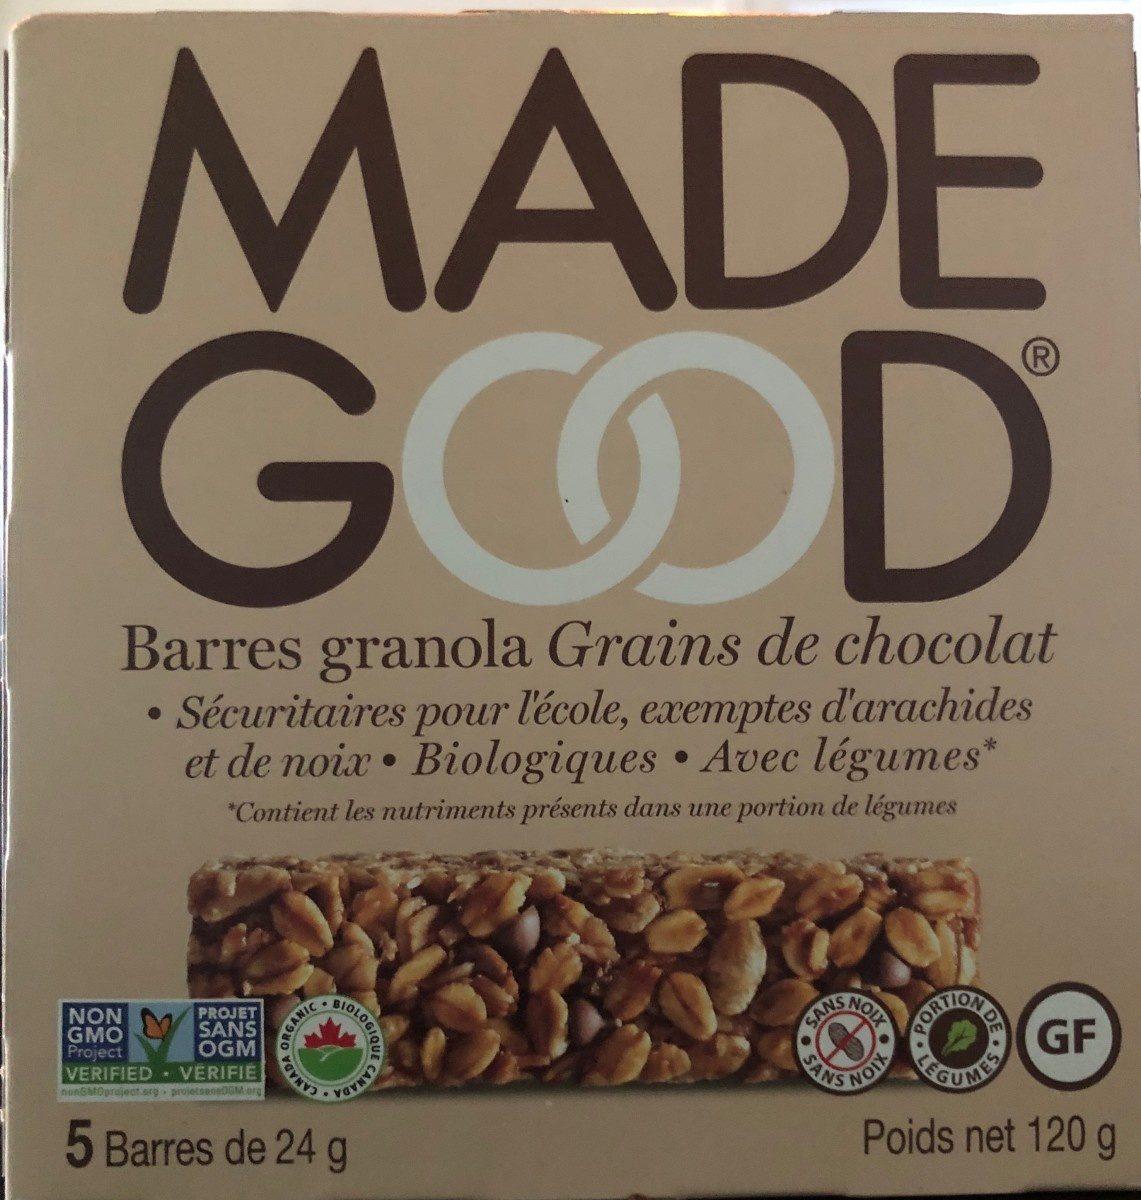 Barres de céréales made good grains de chocolat - Product - fr